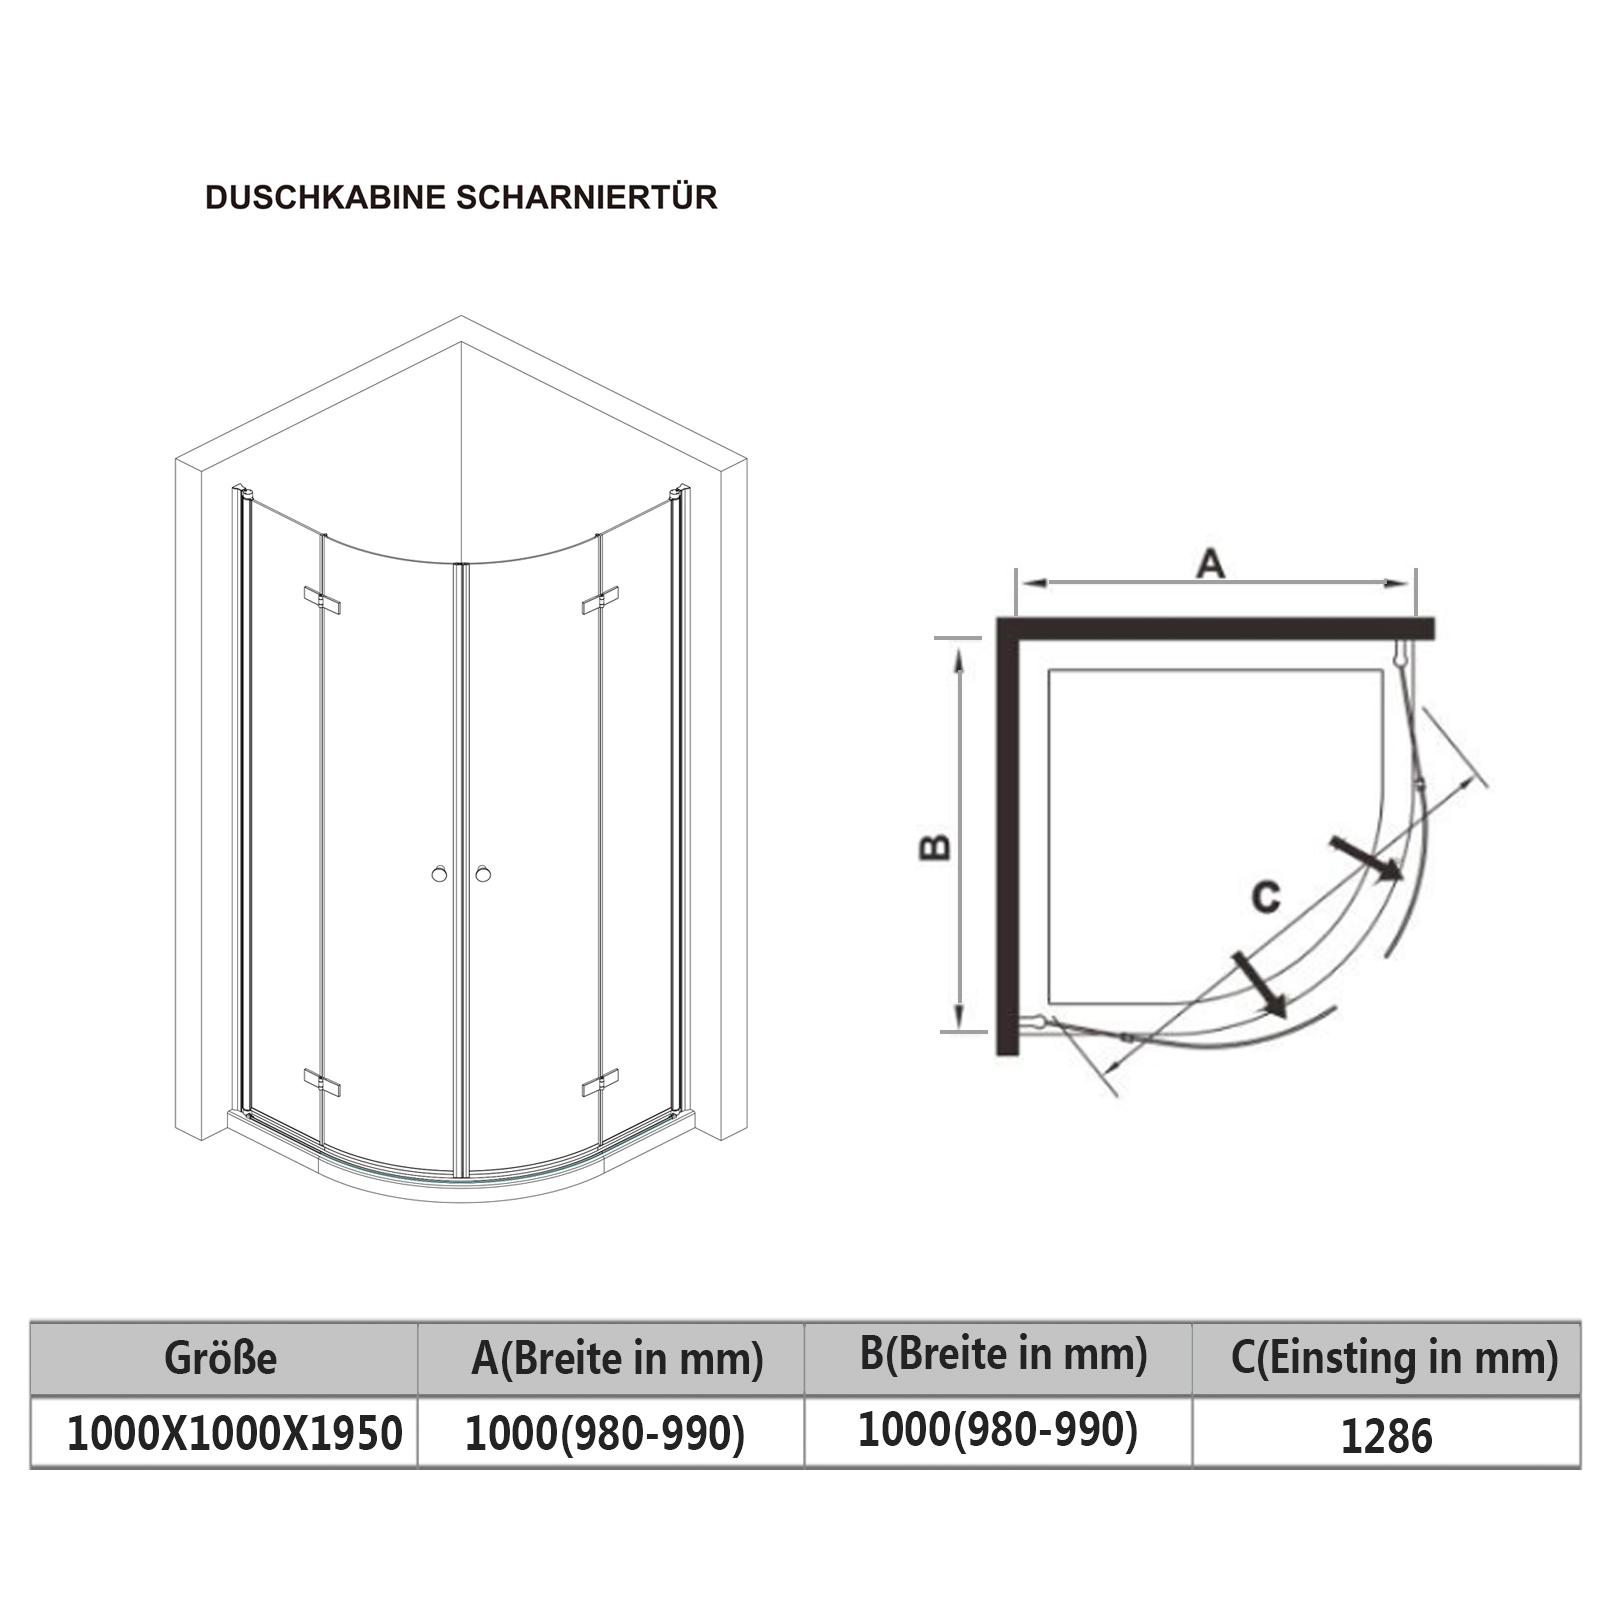 duschkabine runddusche 100x100 duschabtrennung viertelkreis faltt r duschwanne ebay. Black Bedroom Furniture Sets. Home Design Ideas